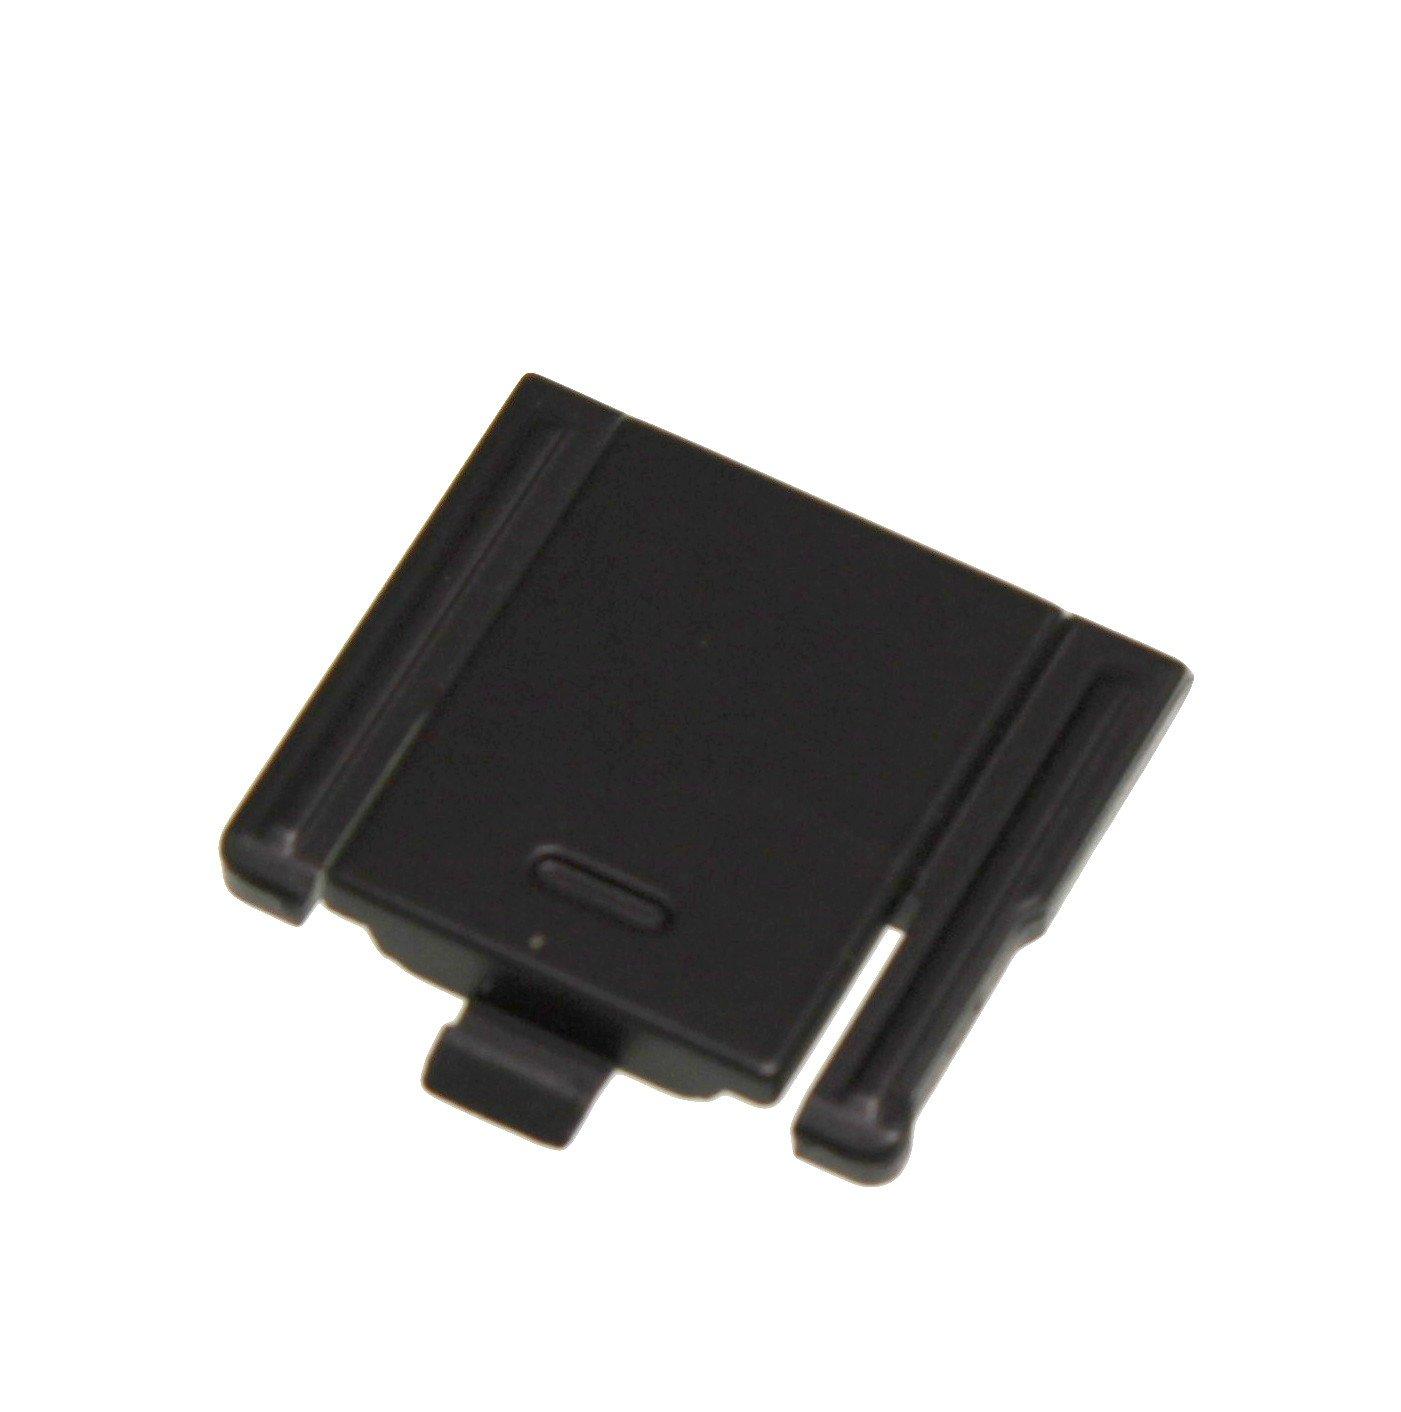 DMC-LX100 Panasonic vkf5259/para zapata de flash para DMC-ZR1/GM5 gx80 DMC-GX7